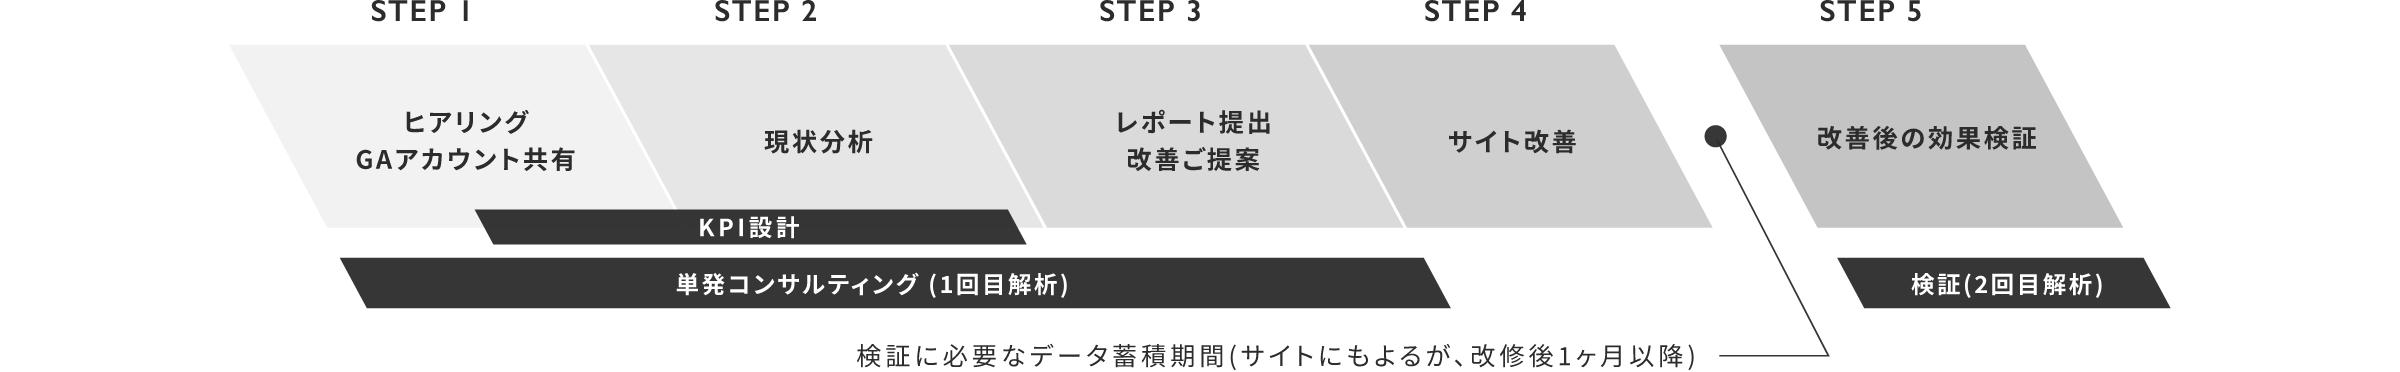 単発コンサルティング+検証セット サービスフロー(代表的な例)